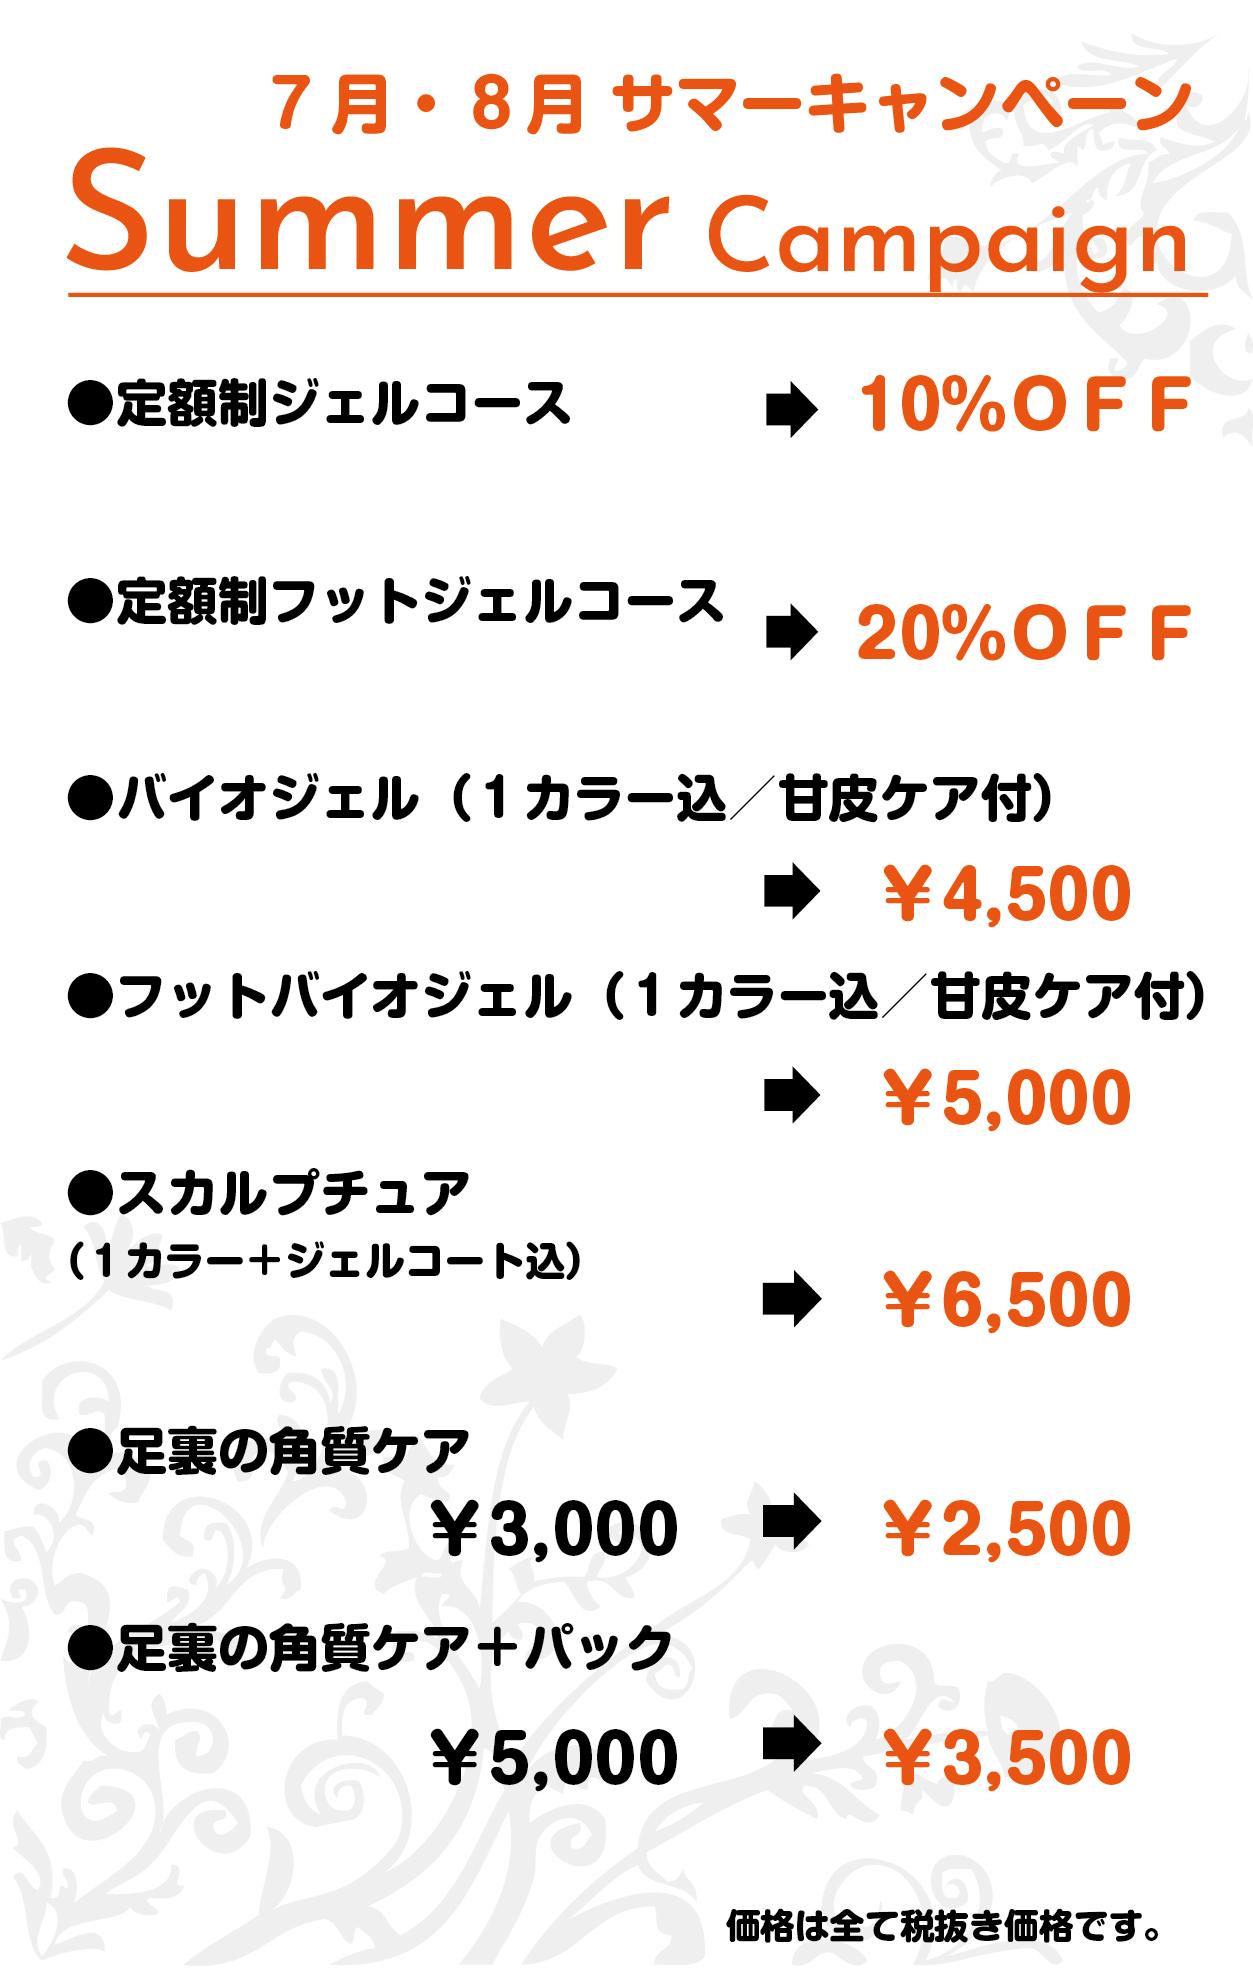 橿原 ネイルサロン D produce by yuri SUB1